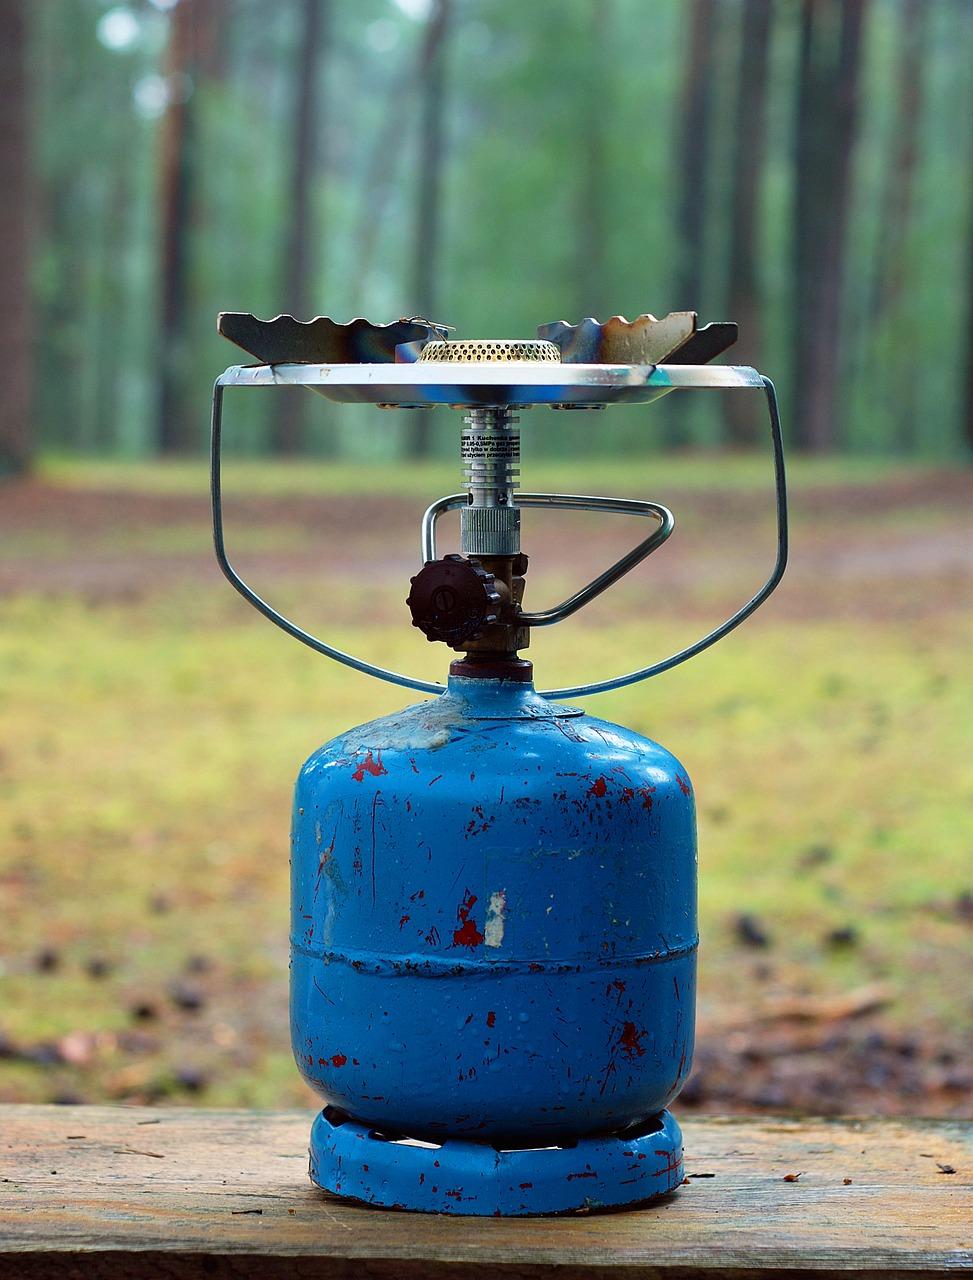 Entsorgen oder aufheben: Wohin mit der Gaskartusche nach dem Campingurlaub?